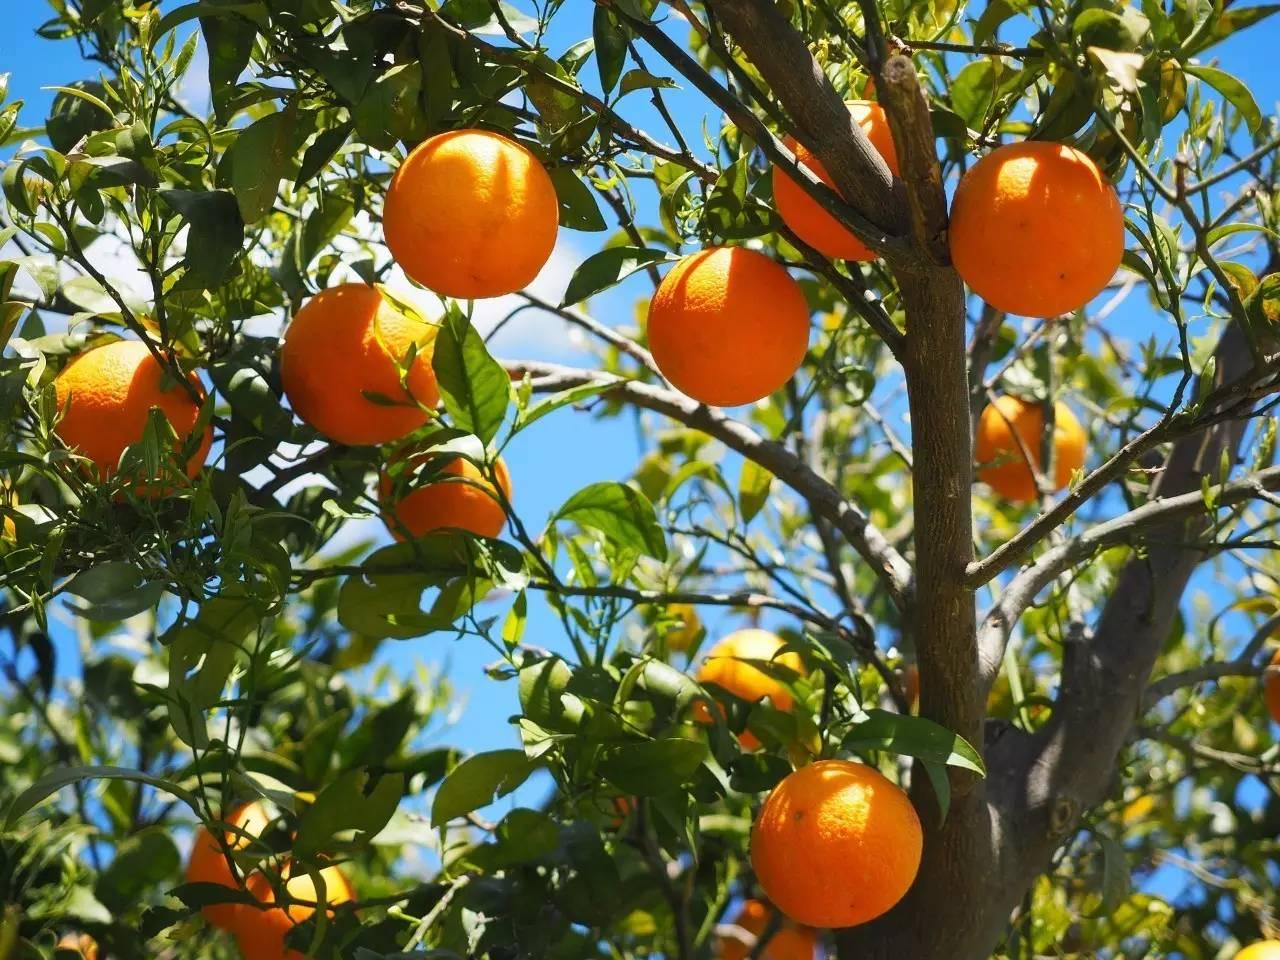 【农财网·柑价】椪柑又涨了,春见价高,其他品种多平稳出